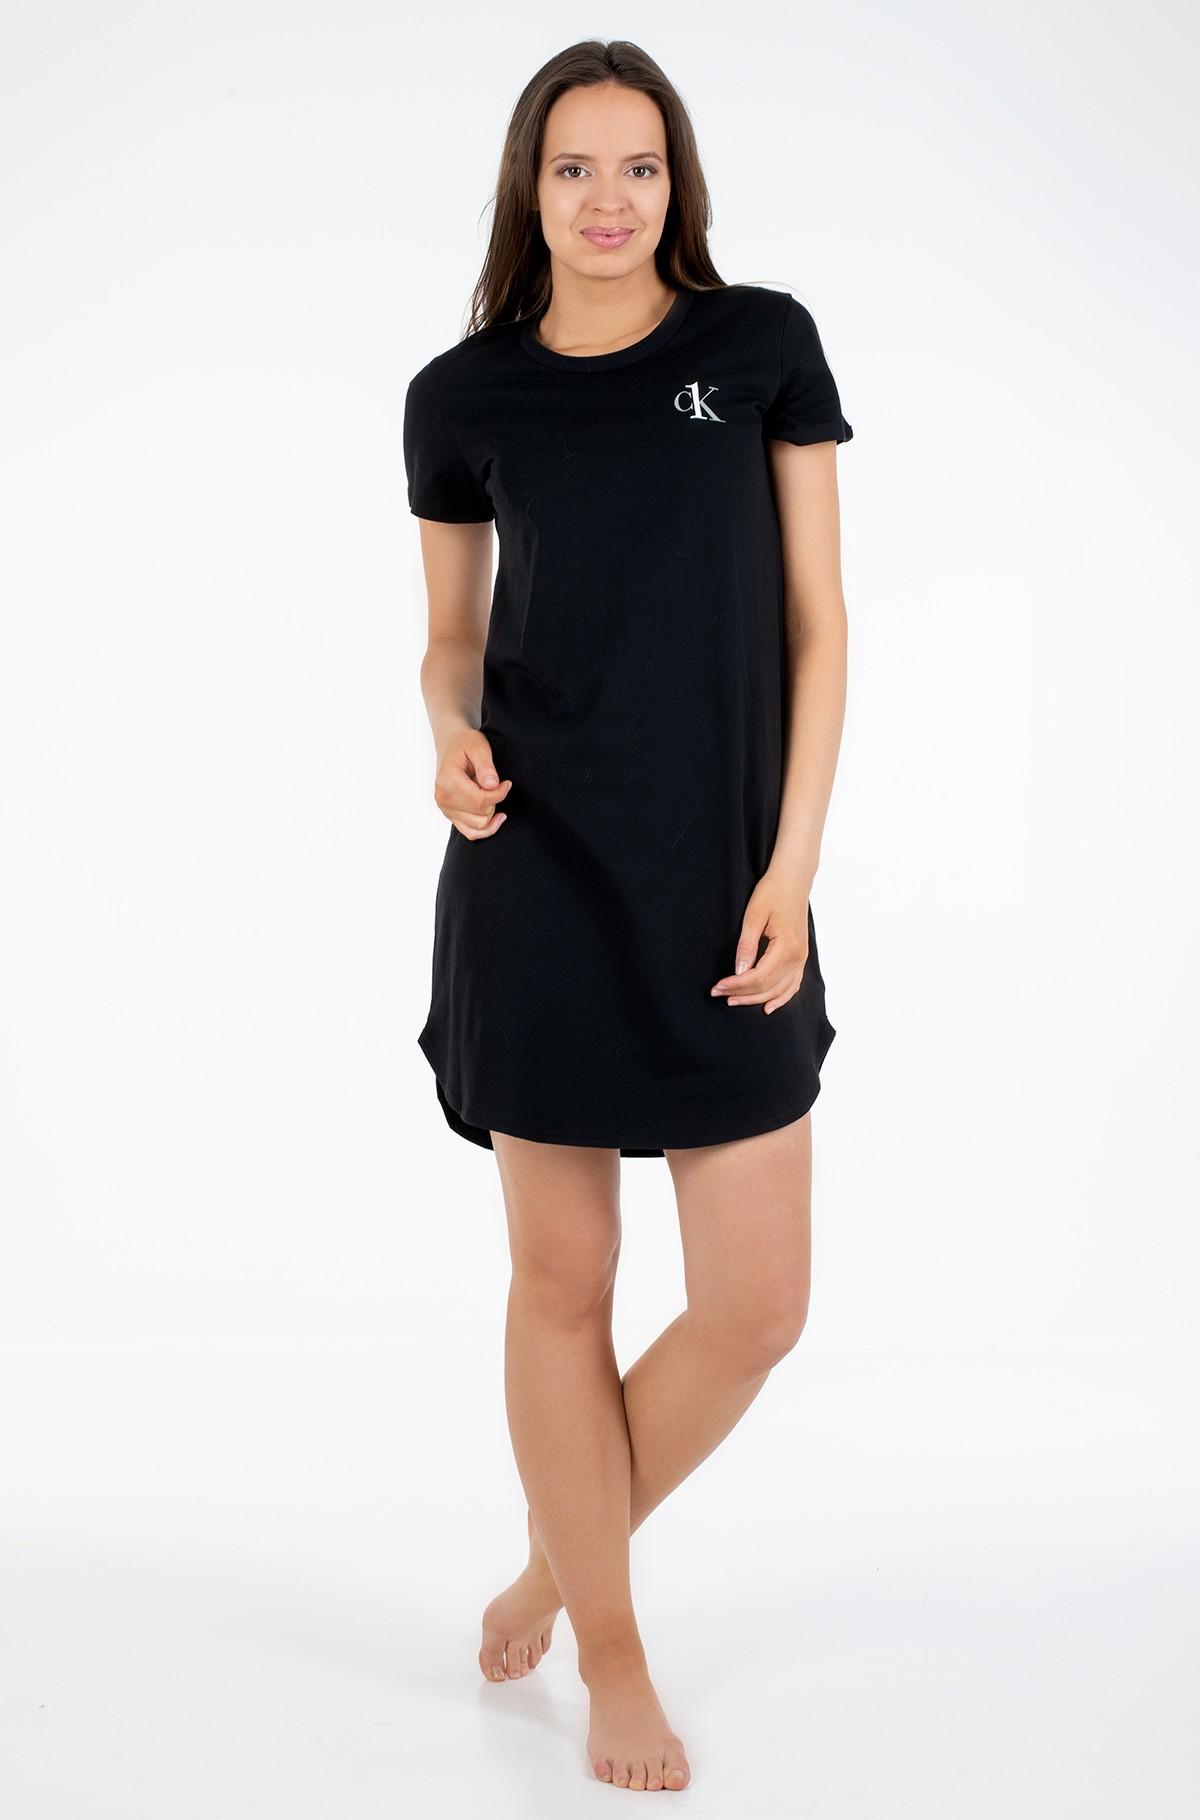 Naktiniai marškinėliai 000QS6358E-full-1